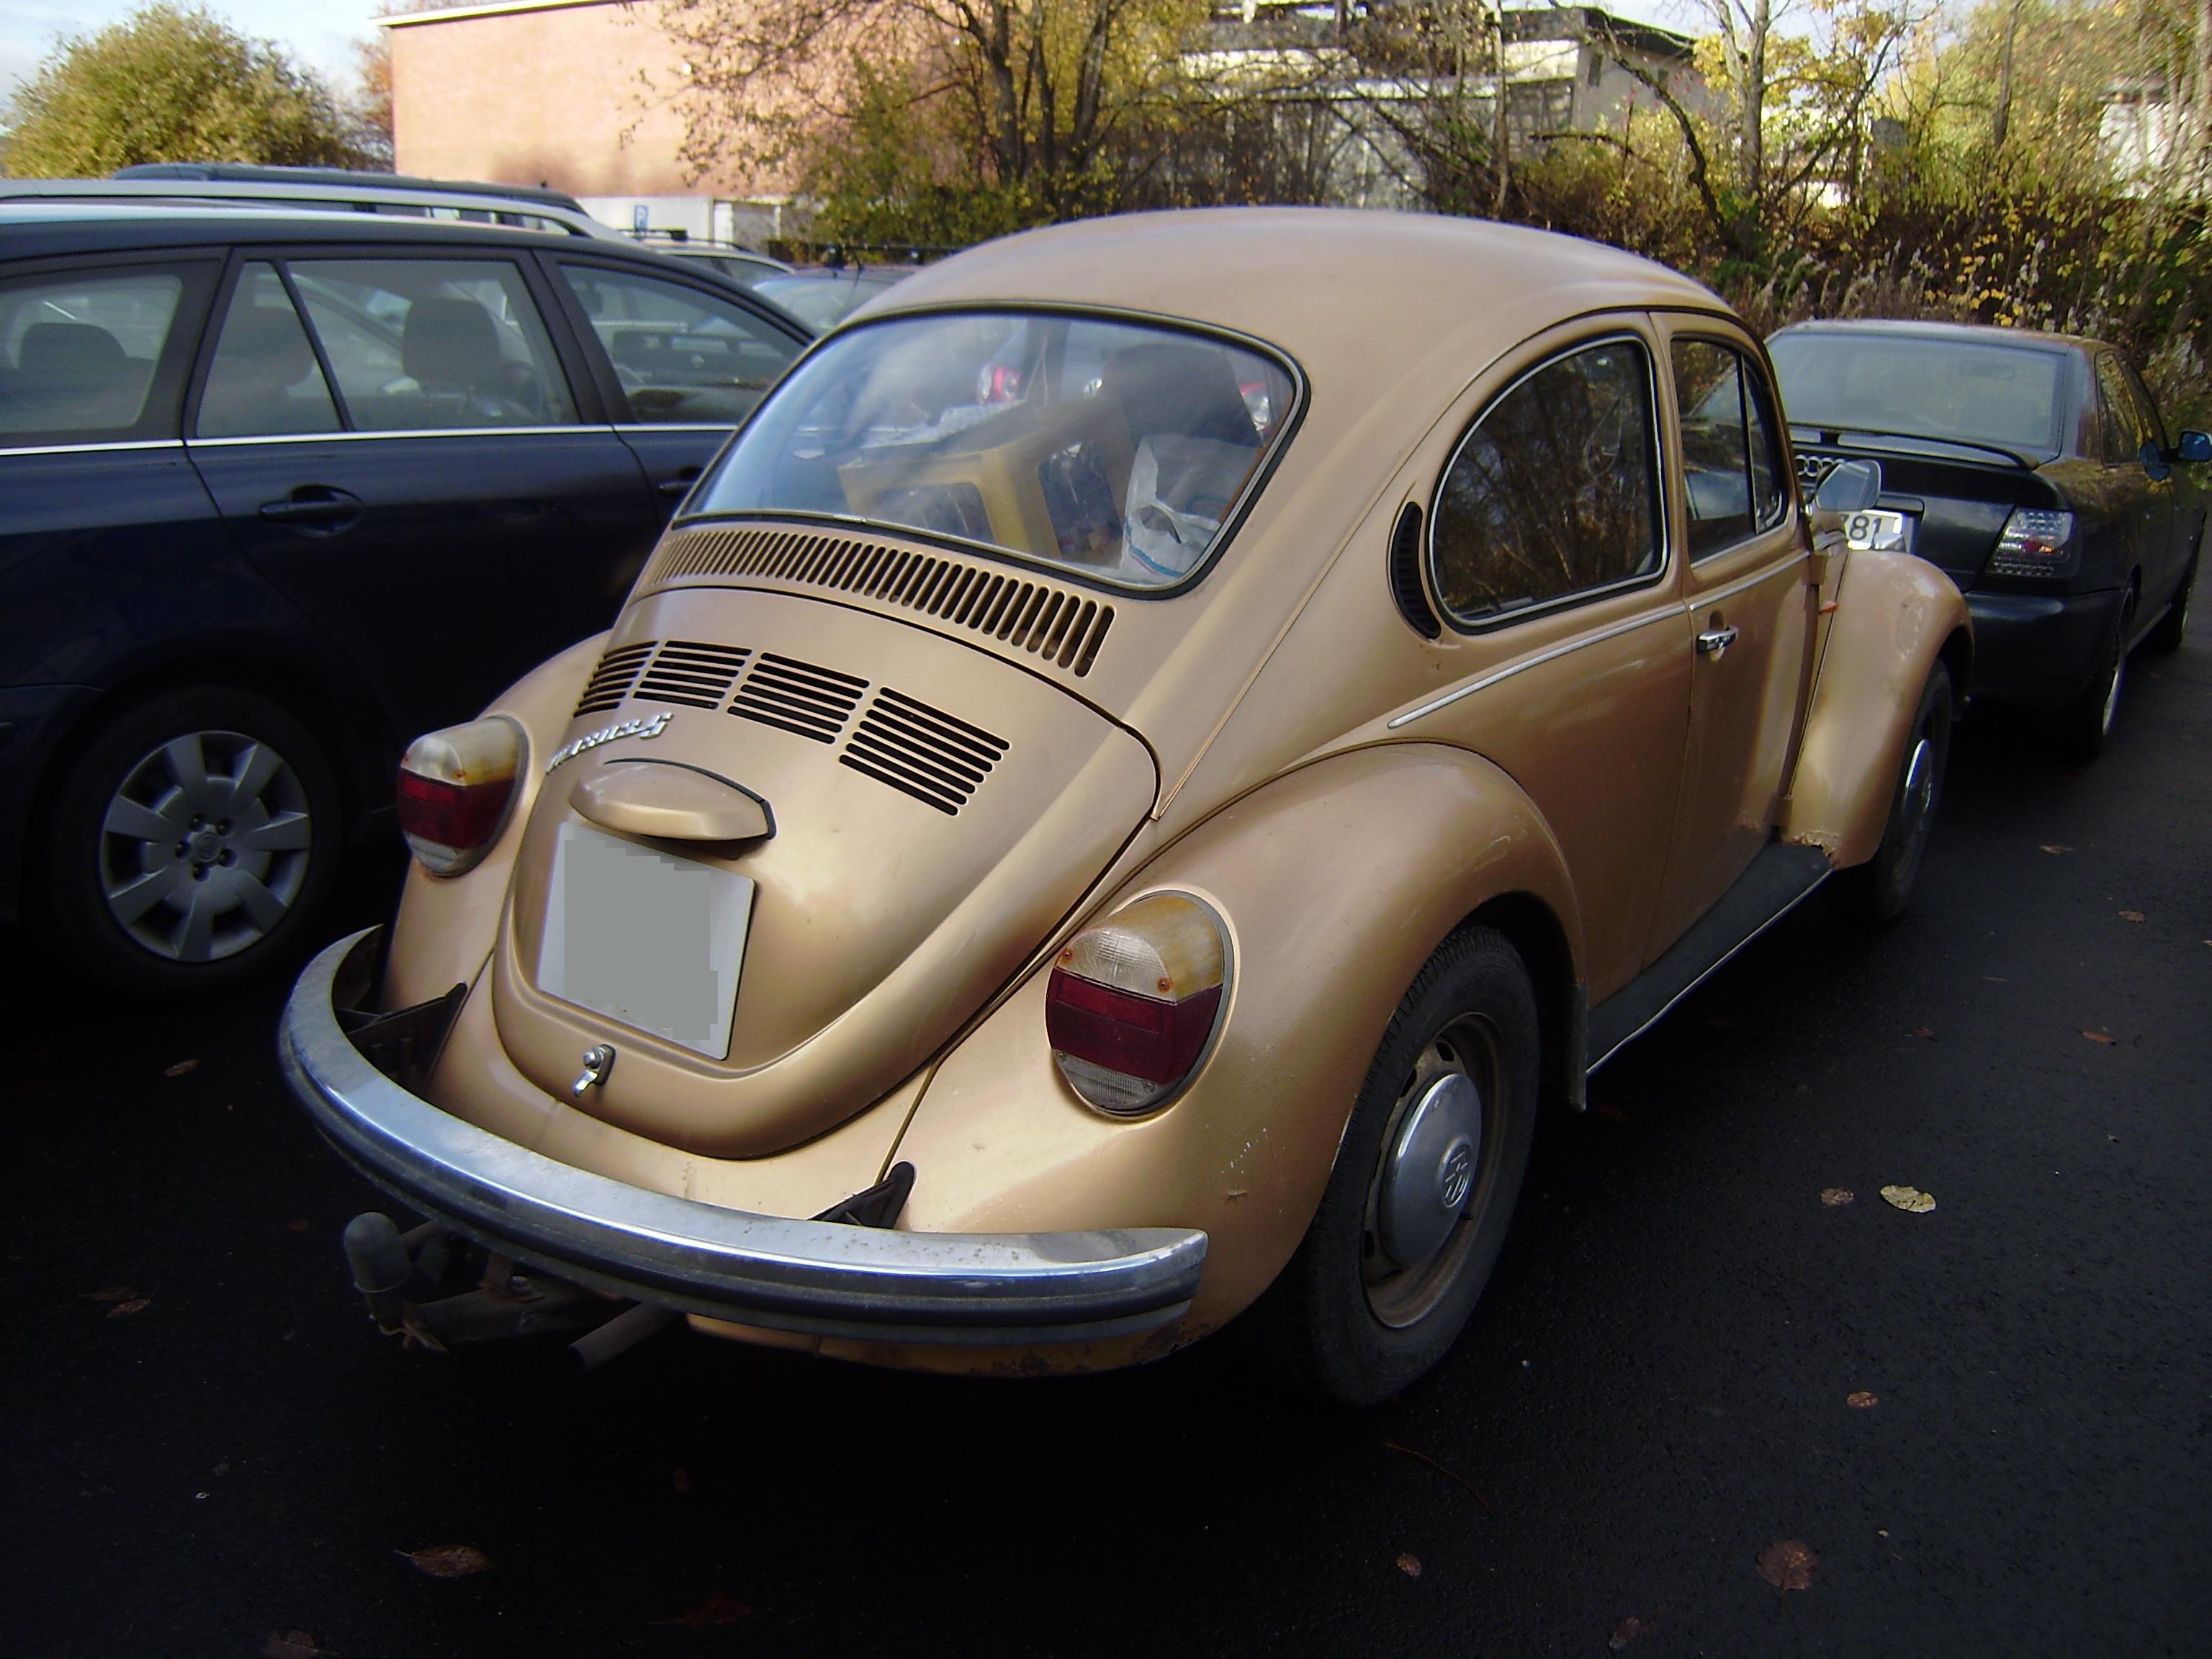 VW Beetle 1303 S